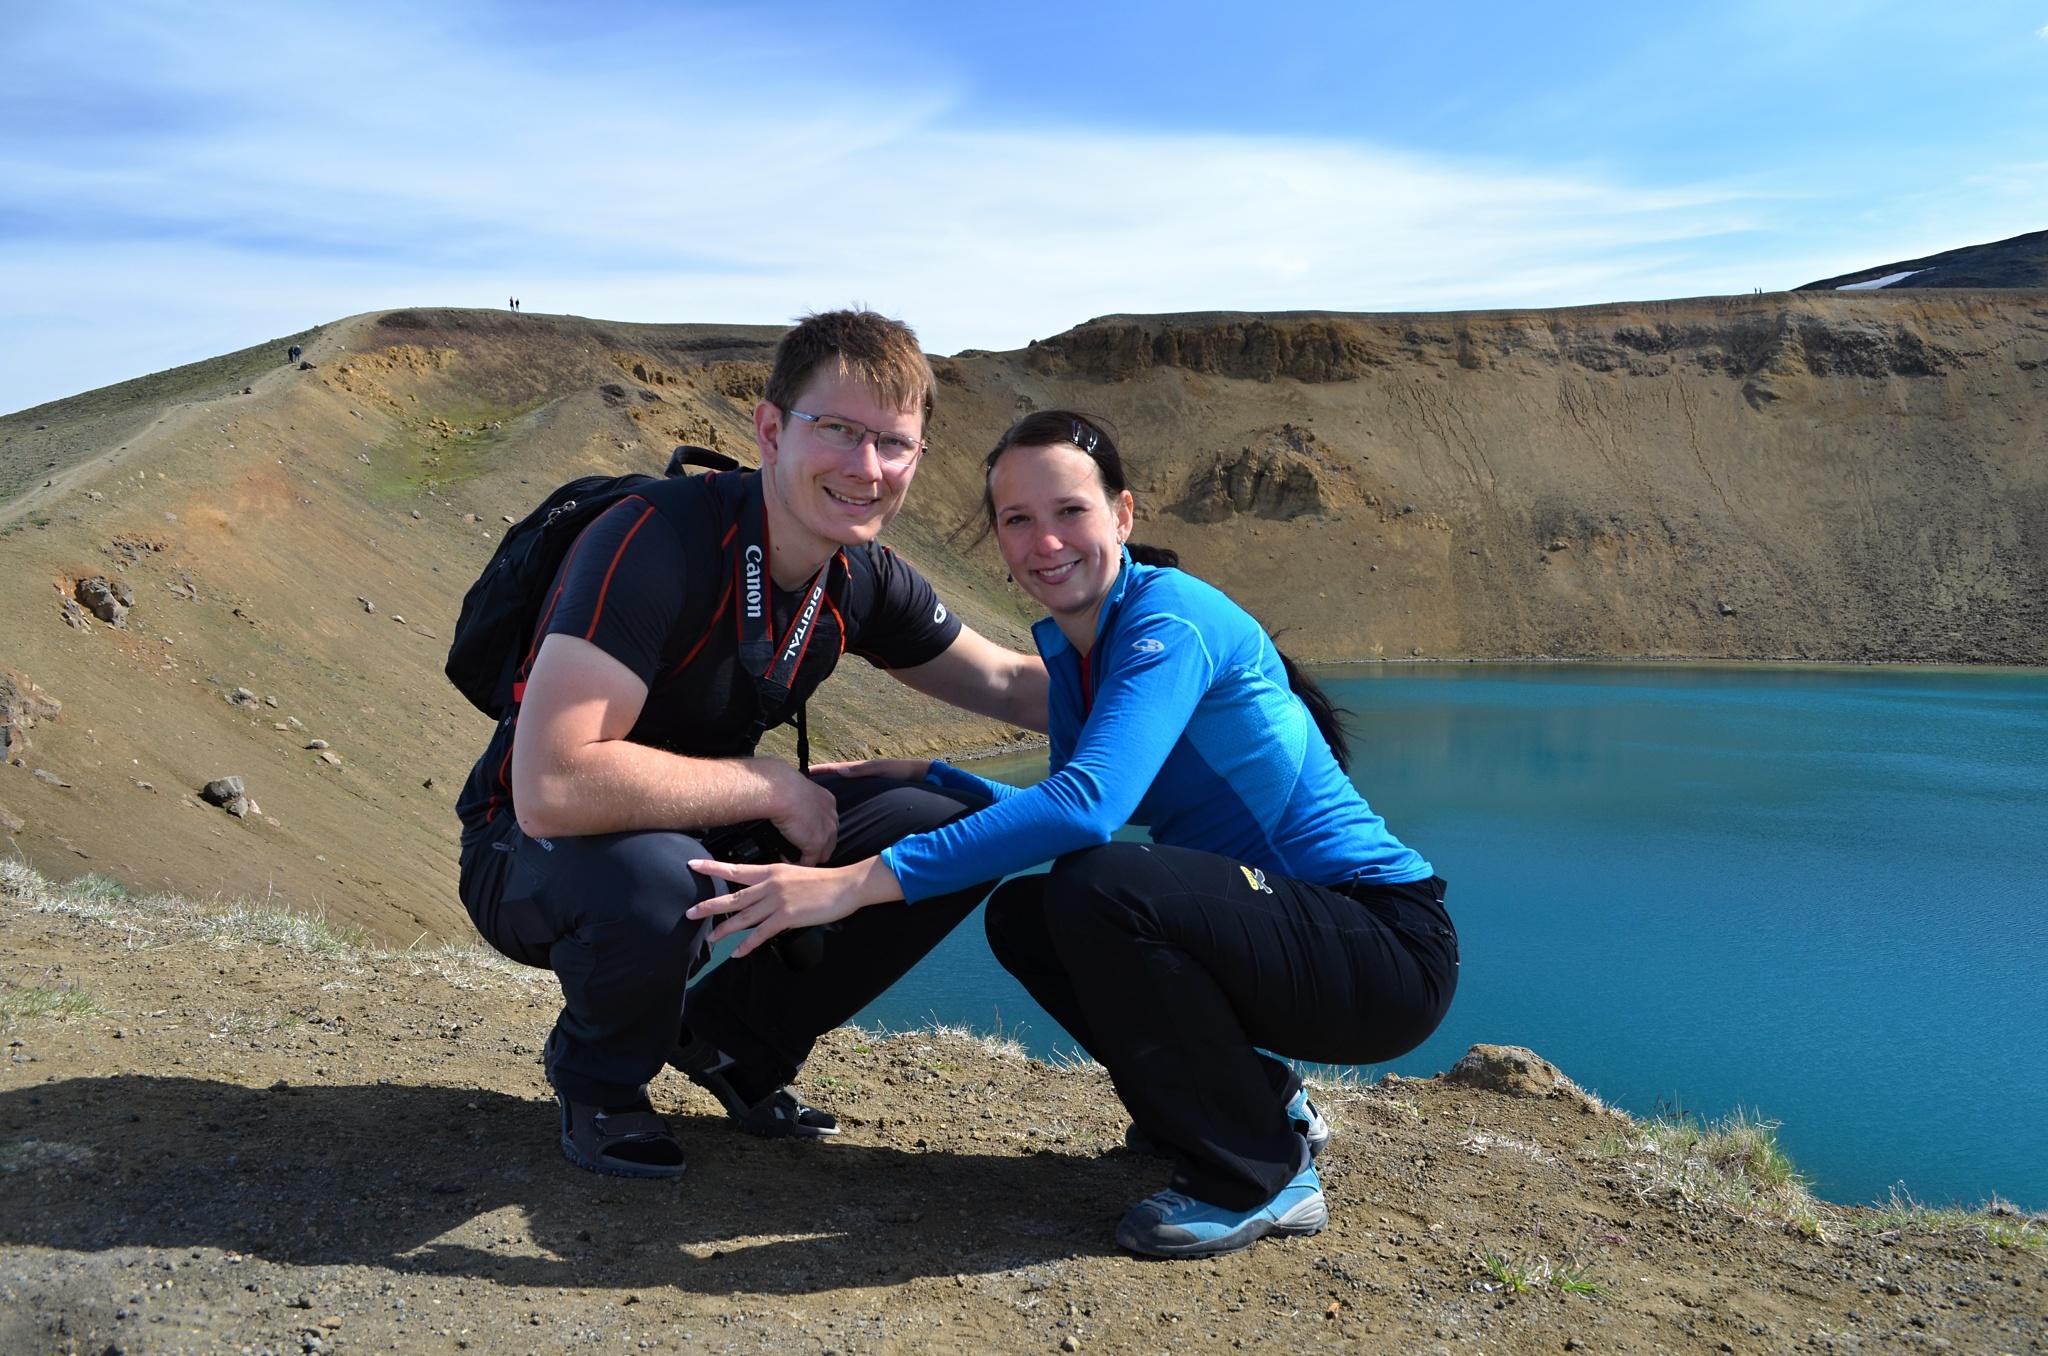 Společná fotka u jezera Víti na Krafle